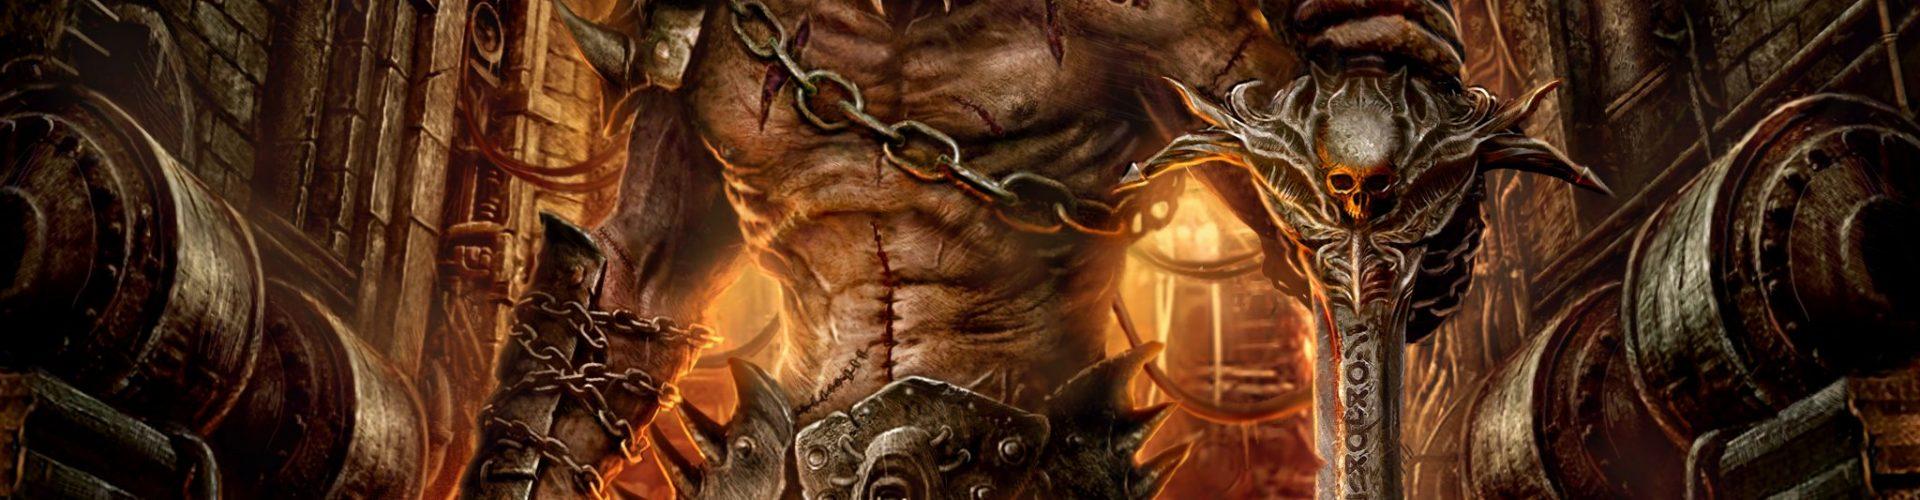 Review: STEEL PROPHET – The God Machine